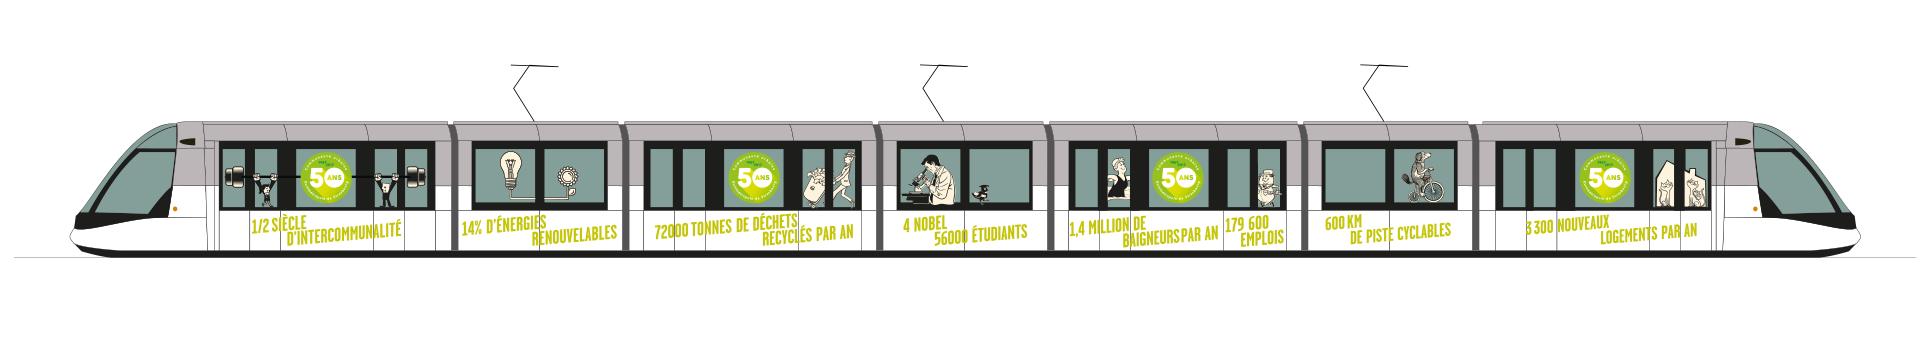 rendu stickage tramway 50 ans